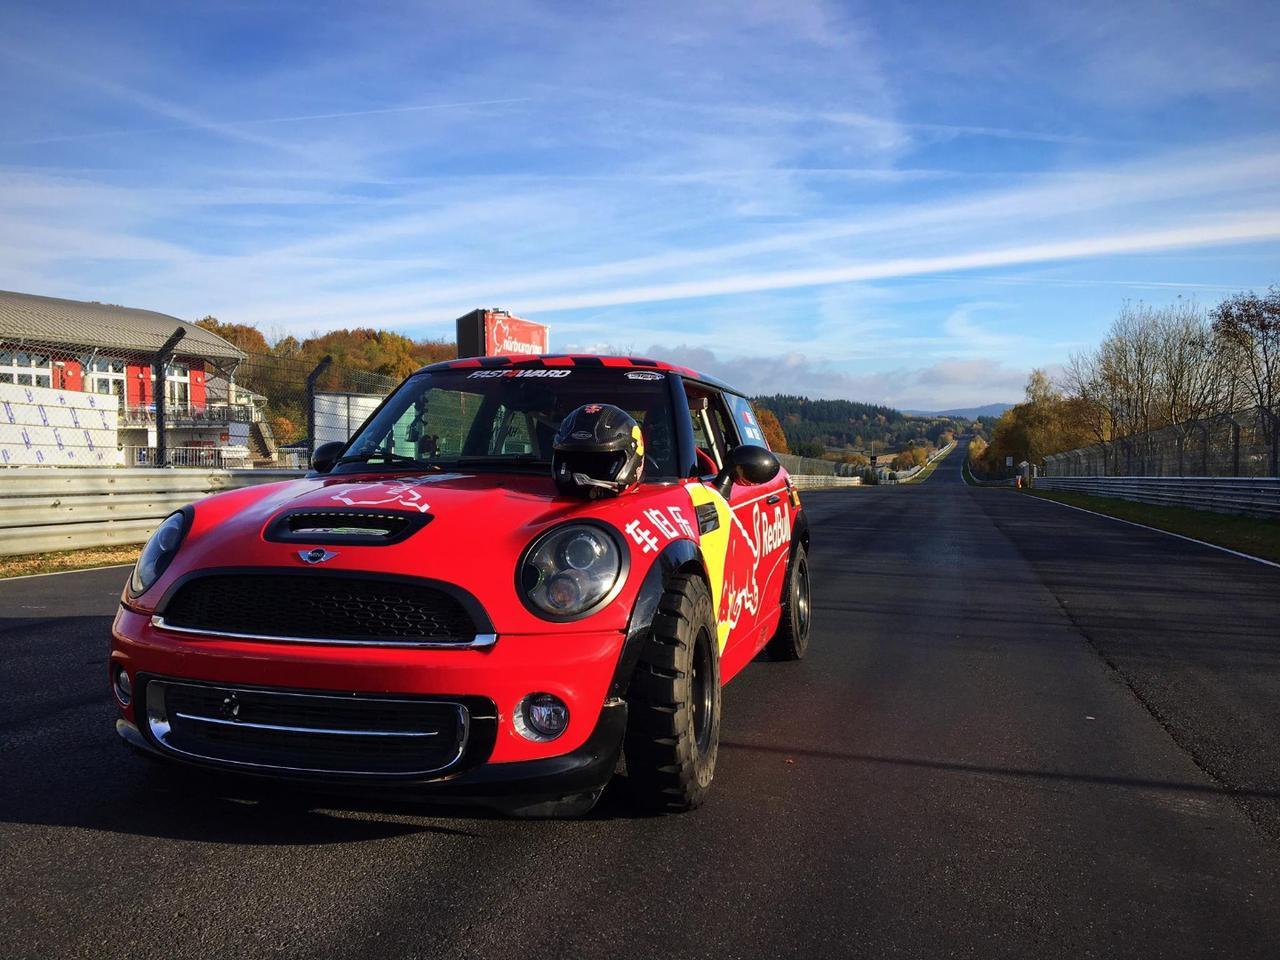 The record-breaking Mini Cooper